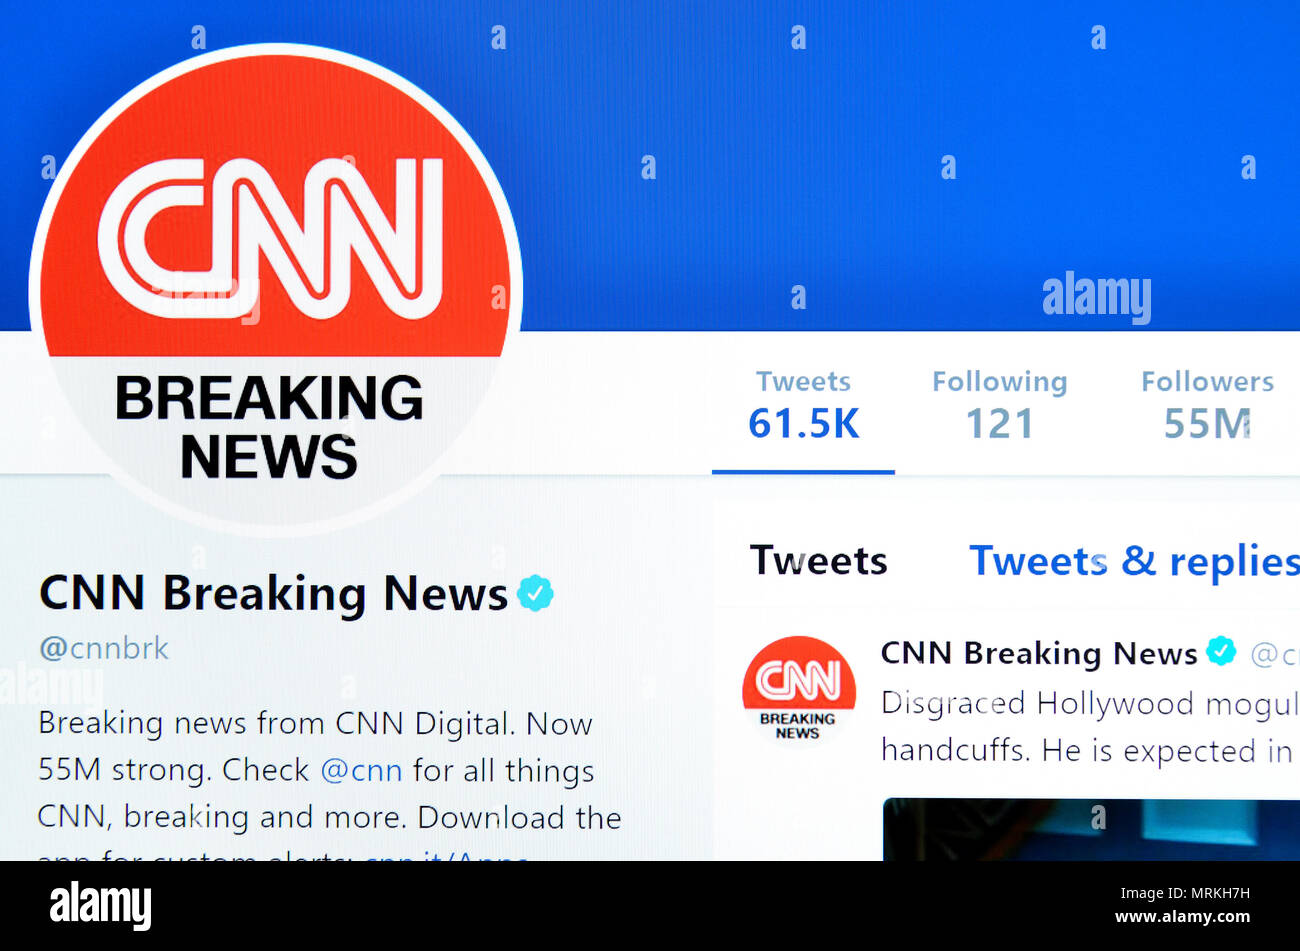 CNN Breaking News Twitter Seite (2018) Stockbild